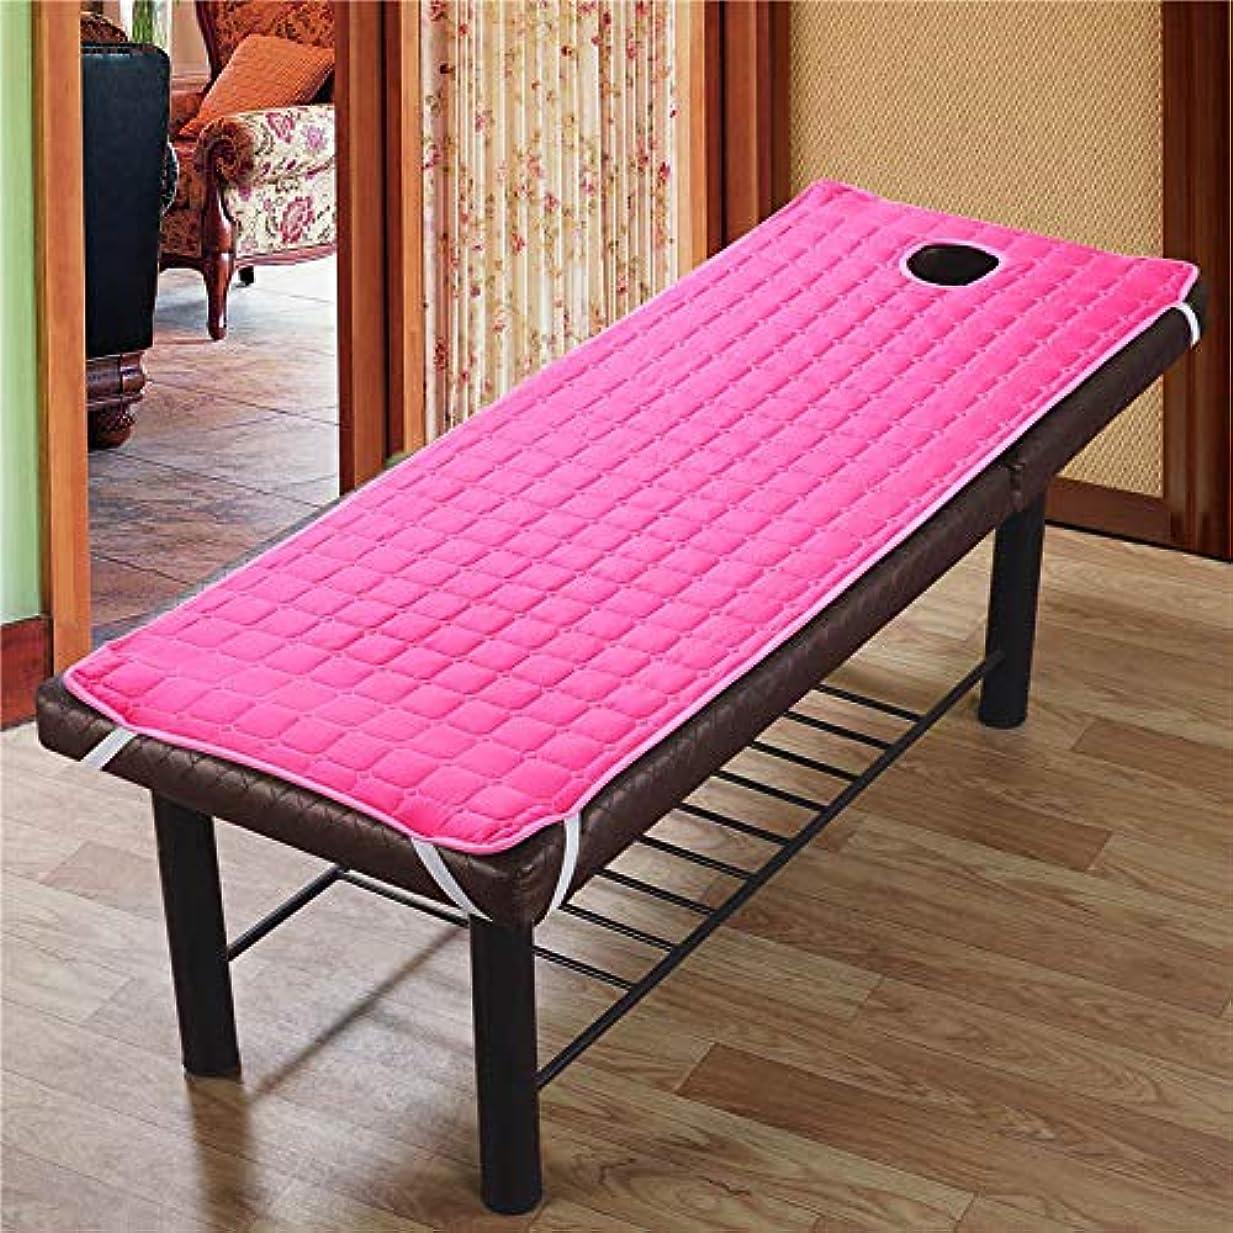 マウンドタイルサラダAylincool 美容院のマッサージ療法のベッドのための滑り止めのSoliod色の長方形のマットレス